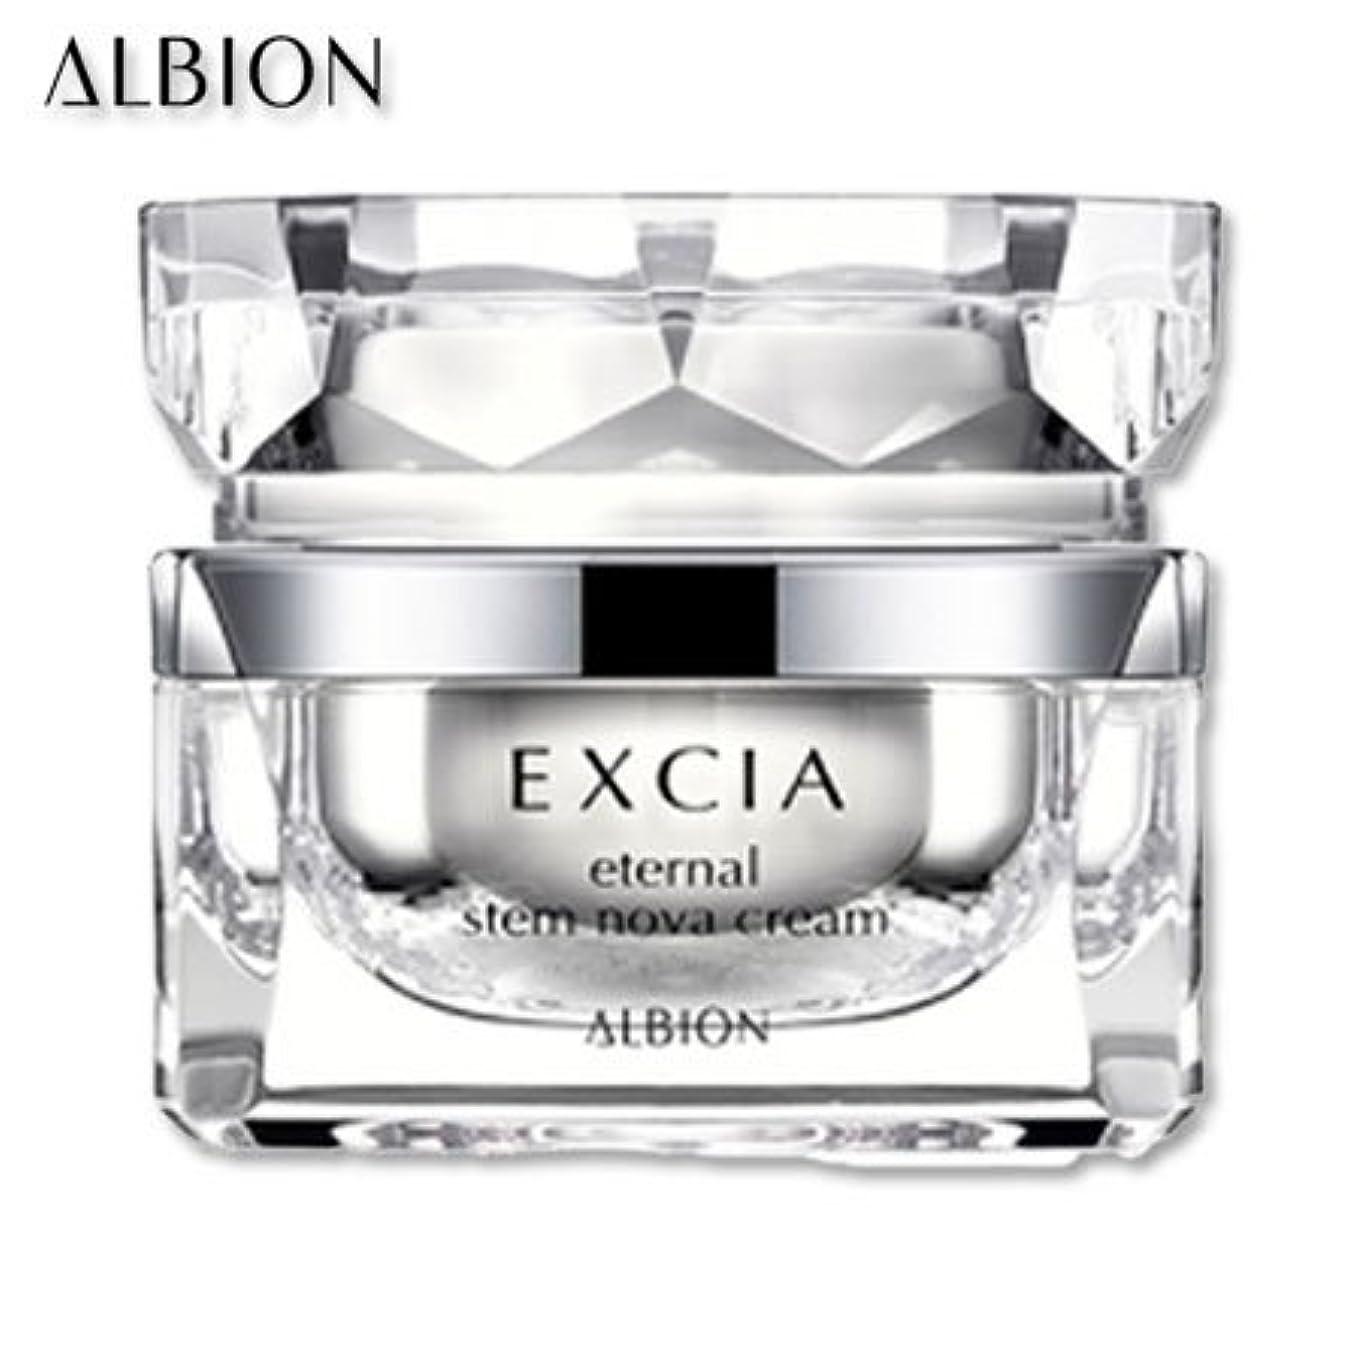 にやにや中古彼自身アルビオン エクシア AL エターナル ステム ノーヴァ クリーム 30g-ALBION-